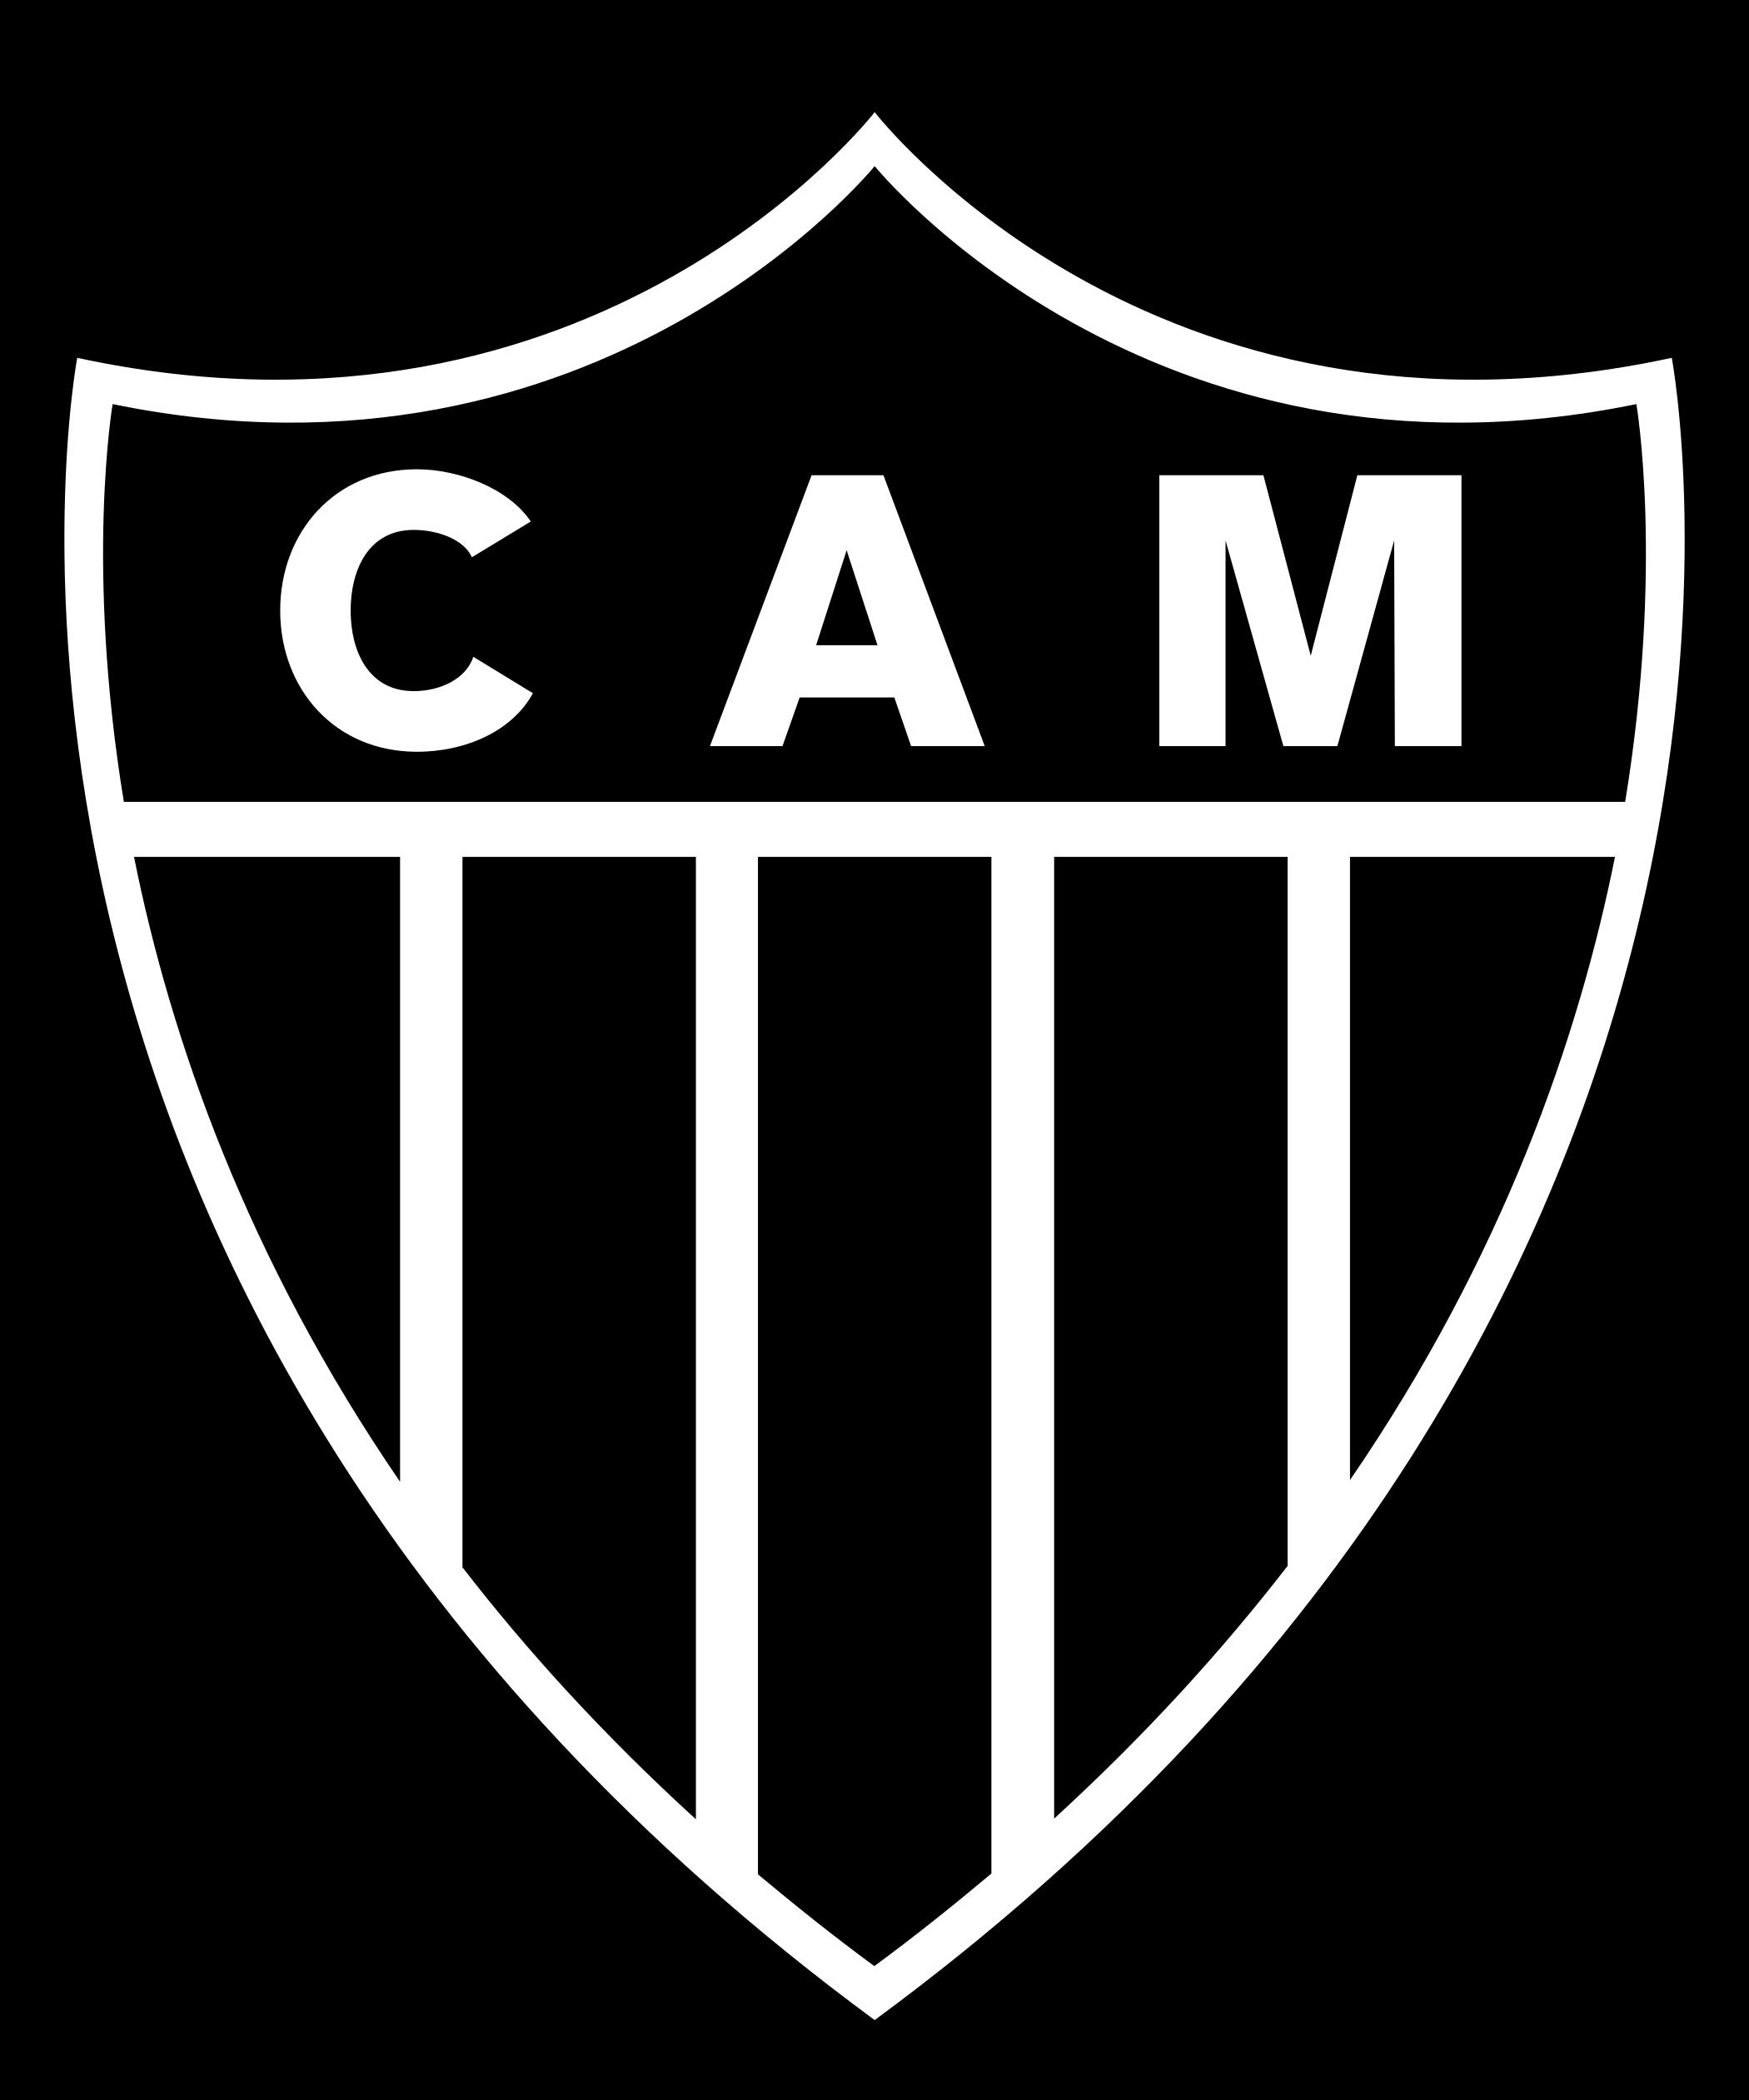 atletico mineiro logo escudo 3 - Atlético Mineiro Logo - Escudo